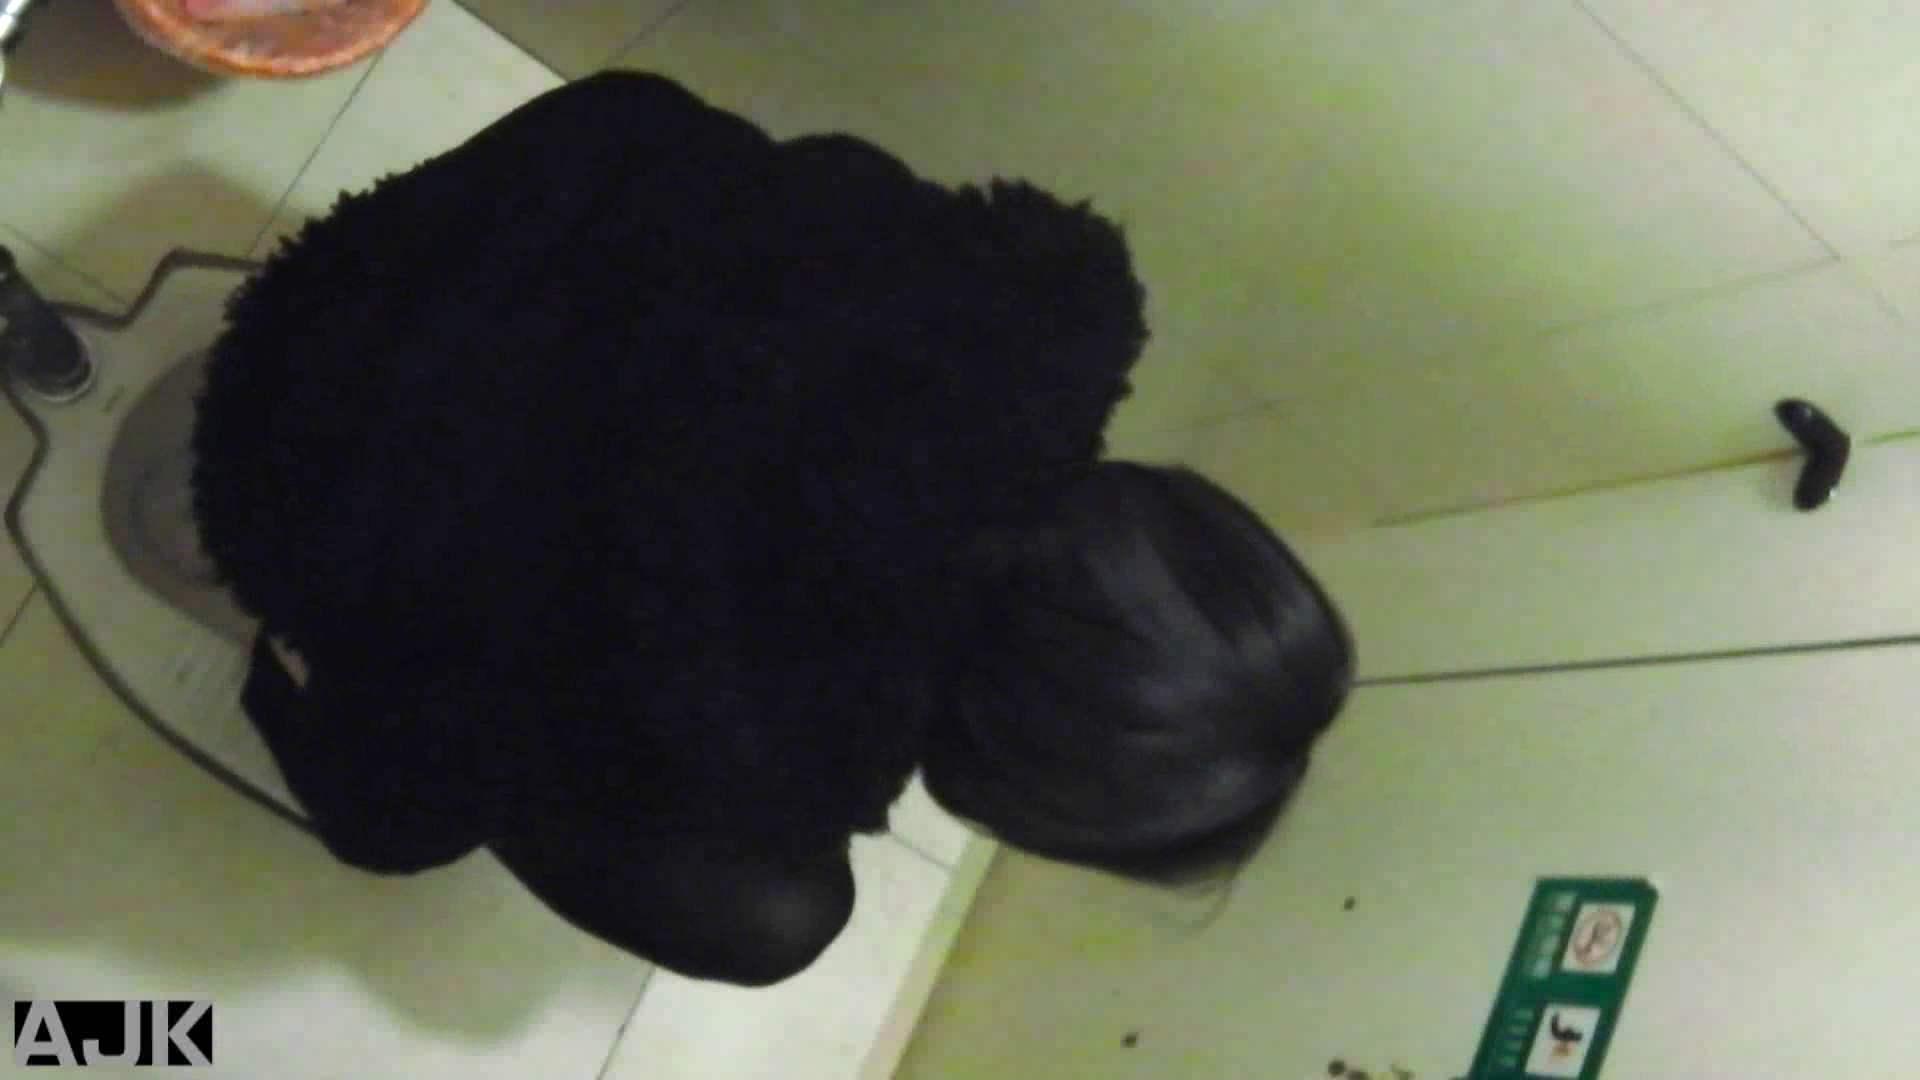 隣国上階級エリアの令嬢たちが集うデパートお手洗い Vol.19 OL   お手洗い  73連発 32